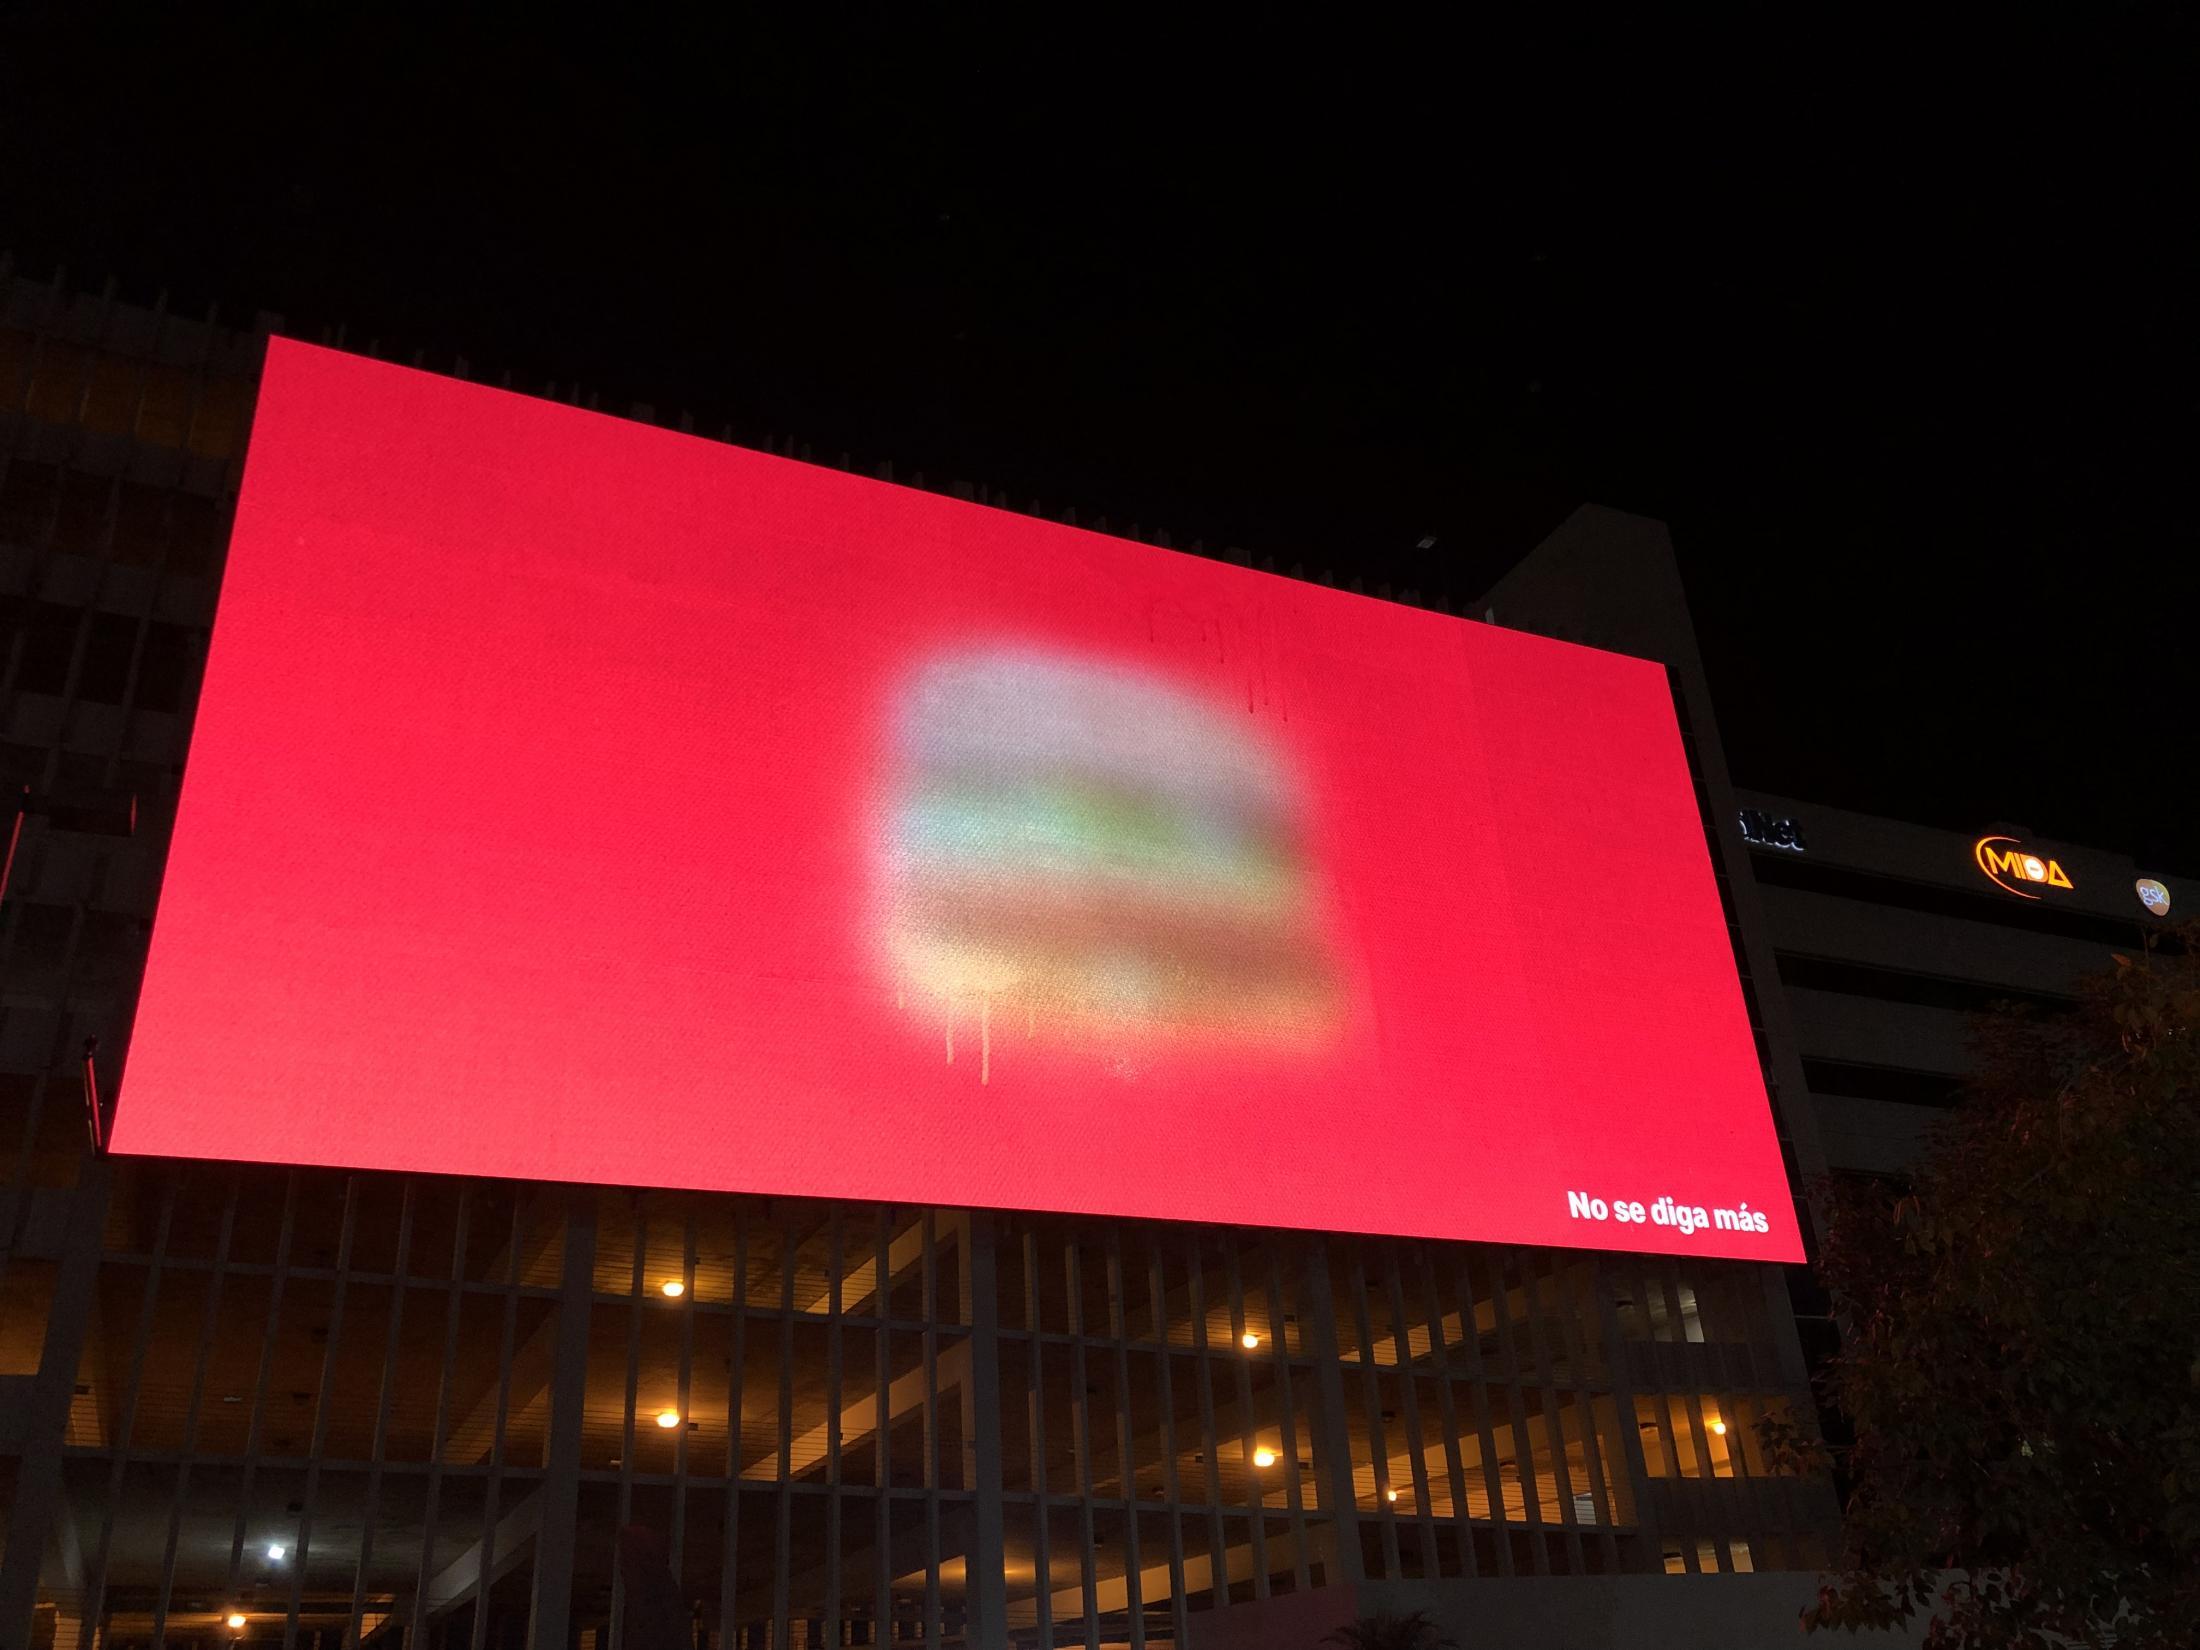 McDonald's'tan Optik İllüzyon Testli Açık Hava Reklamları